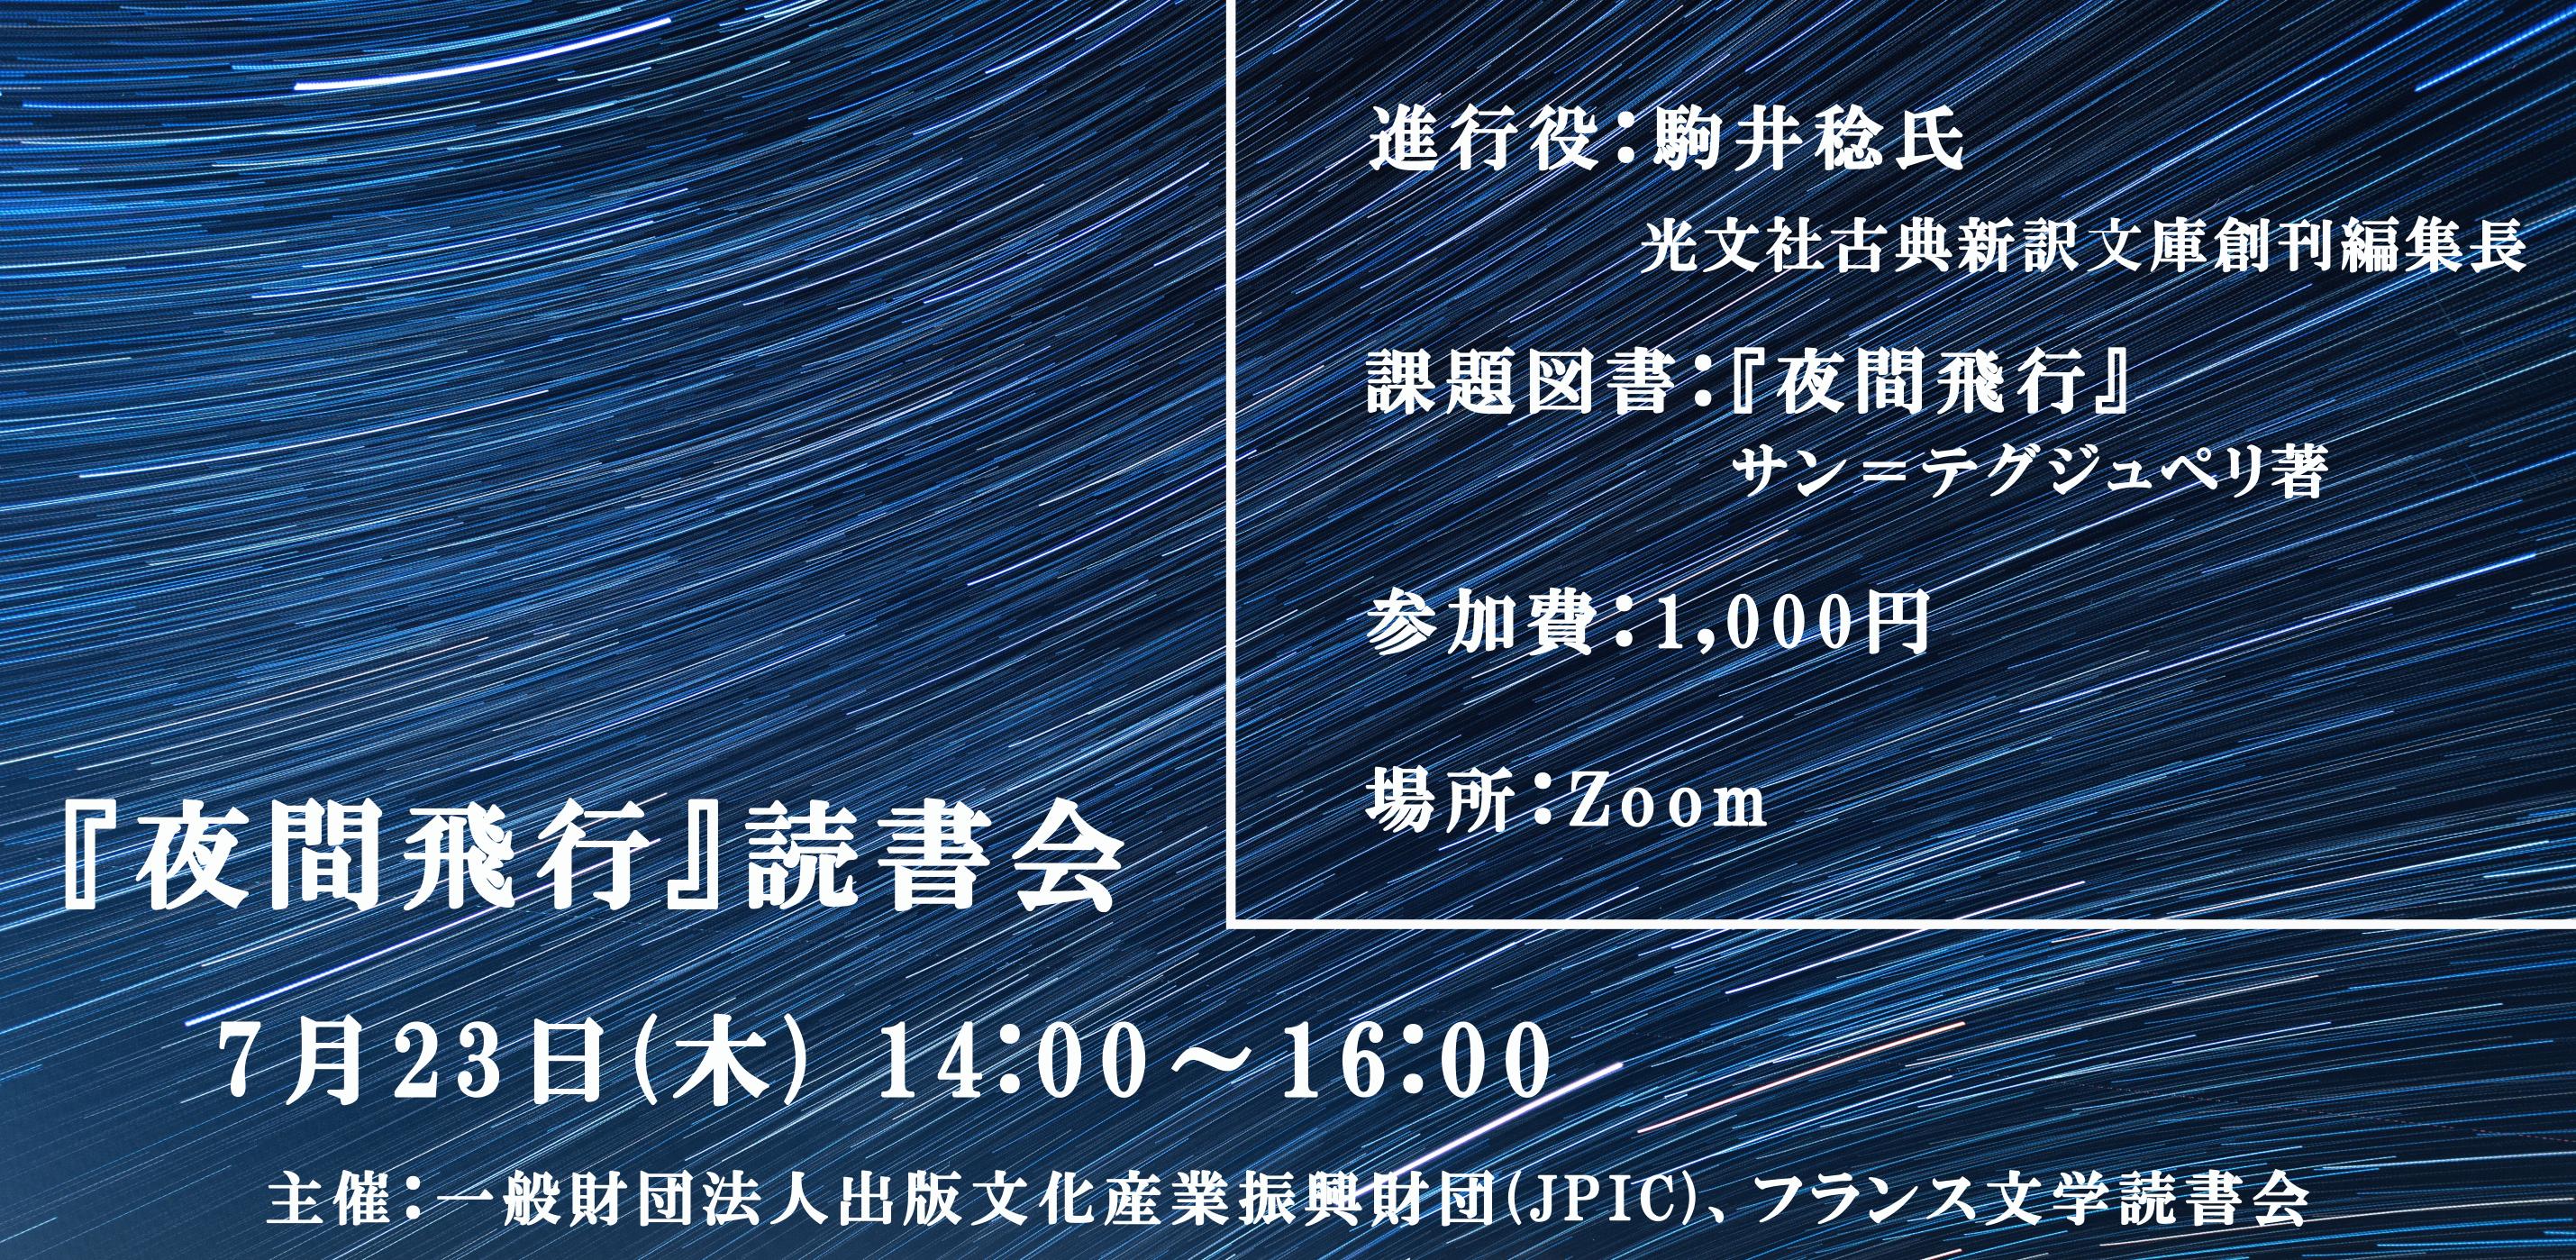 200723夜間飛行読書会カバー圧縮.png